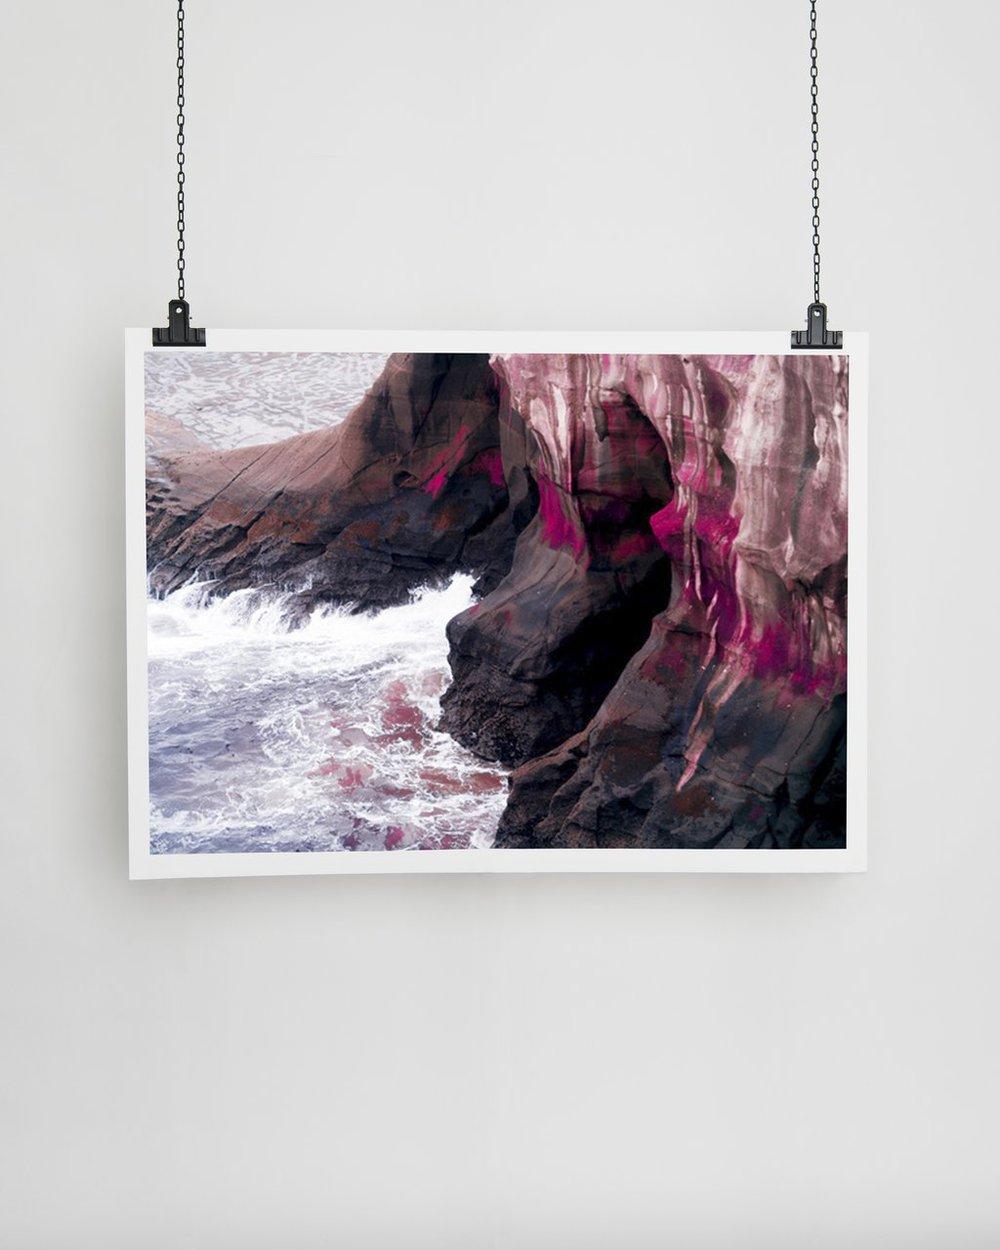 KIWI SHORE   Julia-Rosa Reis  50x70 cm  €189.30 EUR